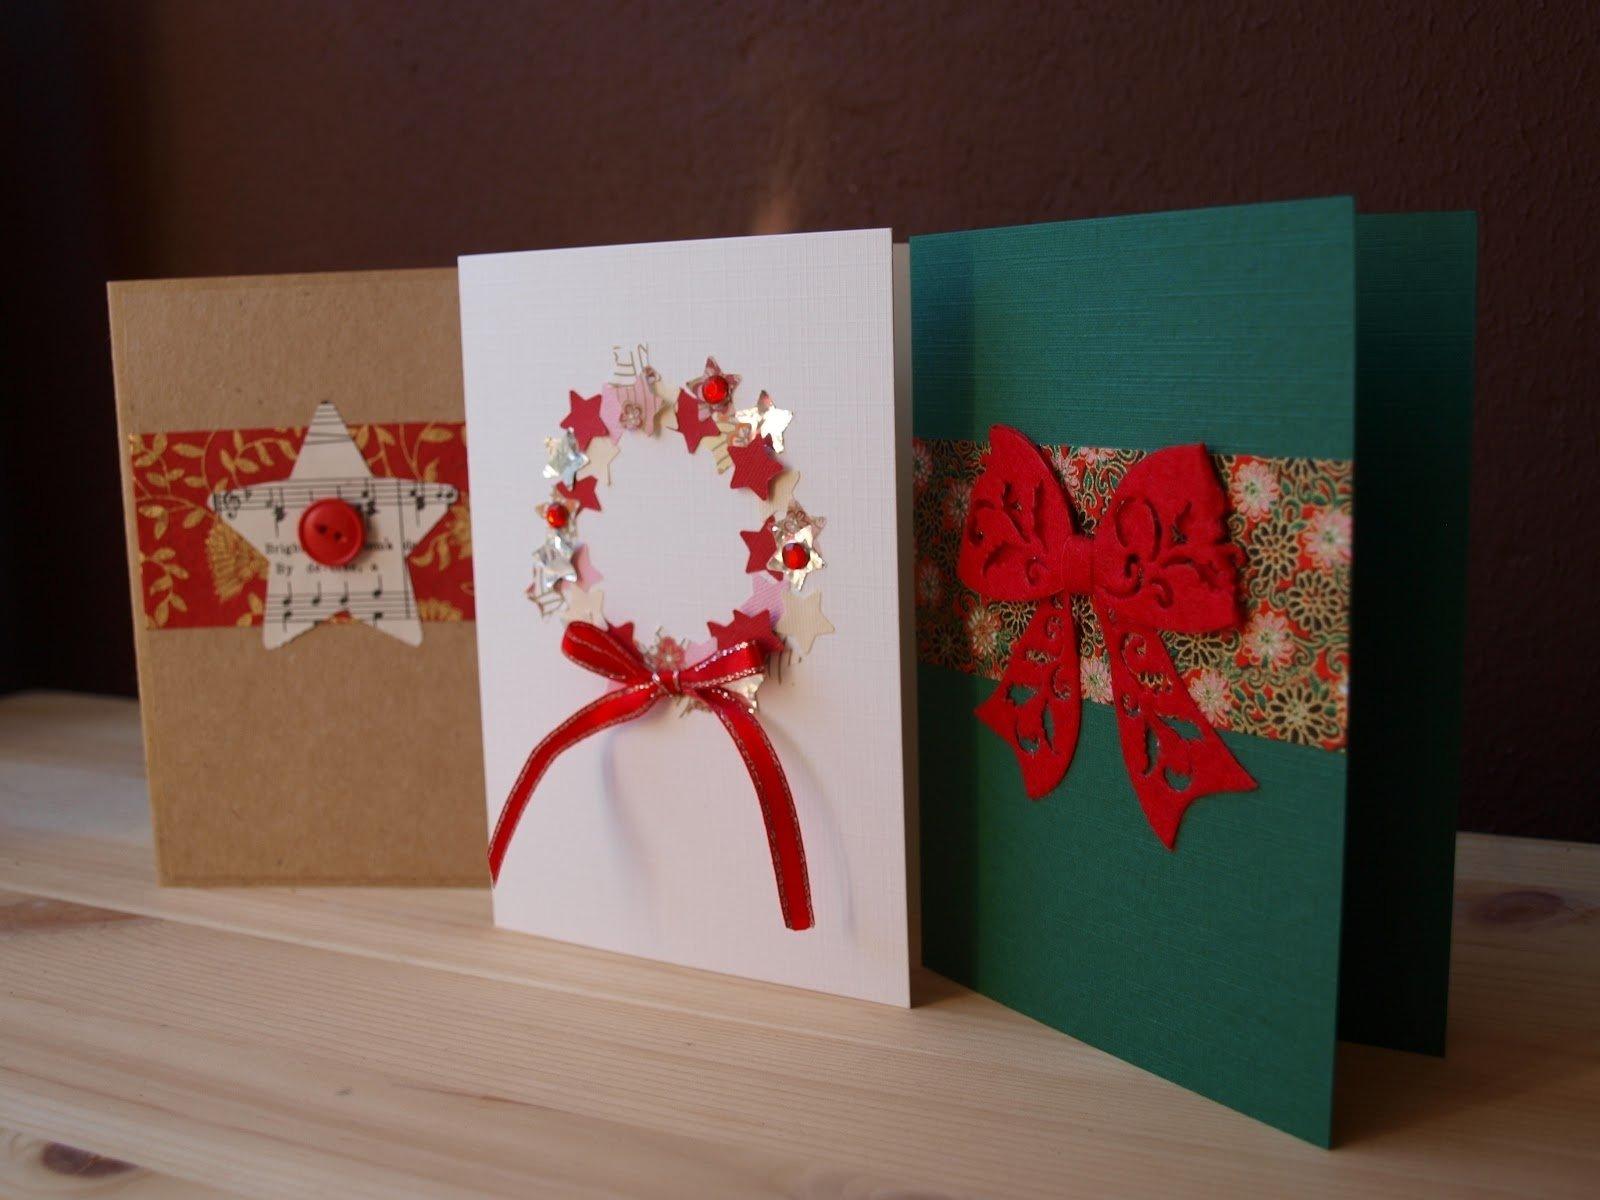 10 Pretty Ideas For Homemade Christmas Cards creative homemade christmas card ideas diy cards dma homes 54480 2020